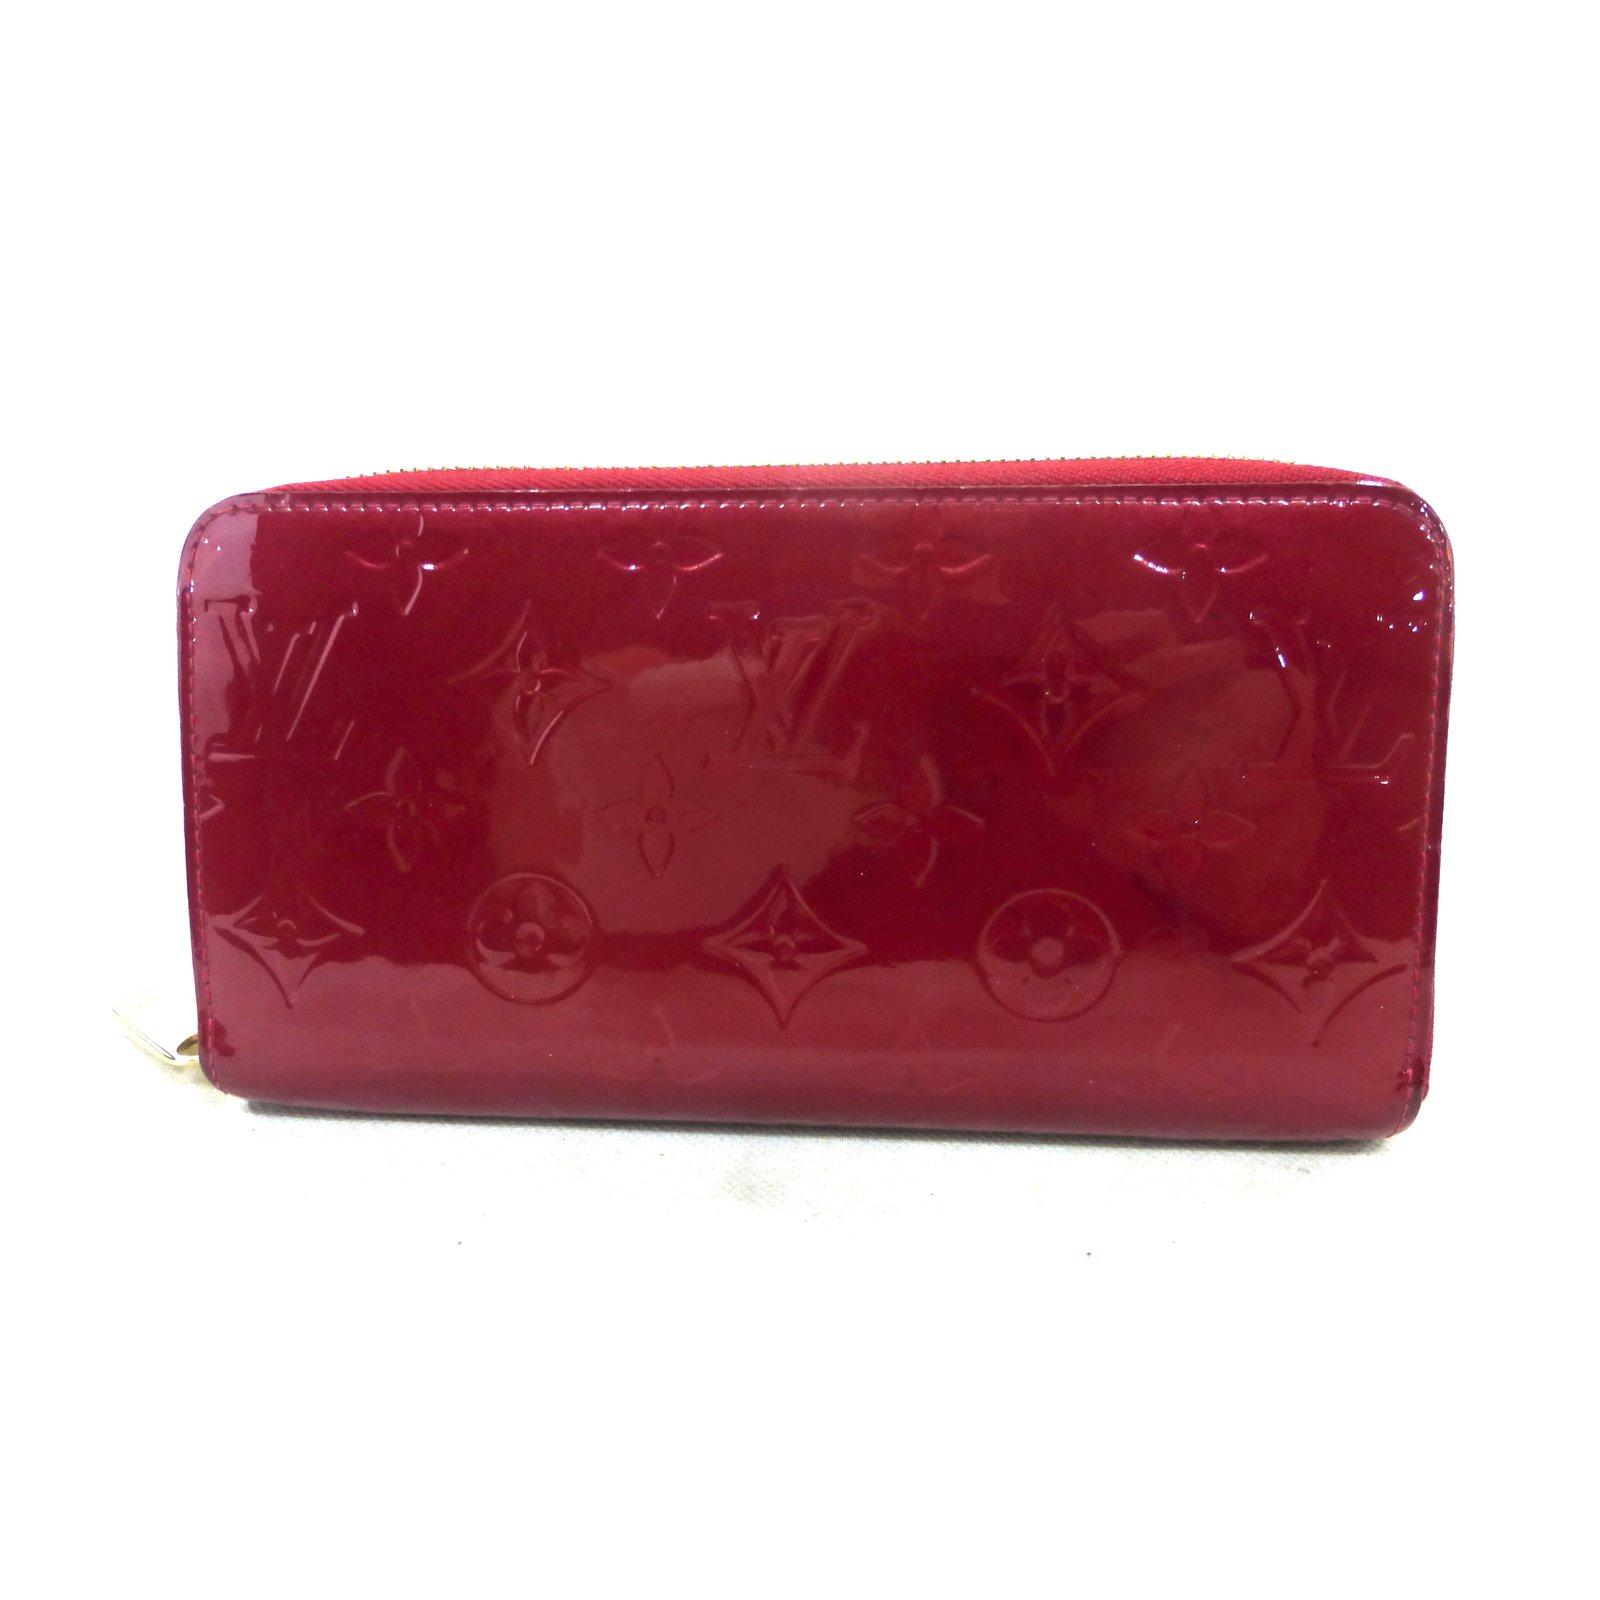 5b2c221436c0 Louis Vuitton Red zippy wallet Purses